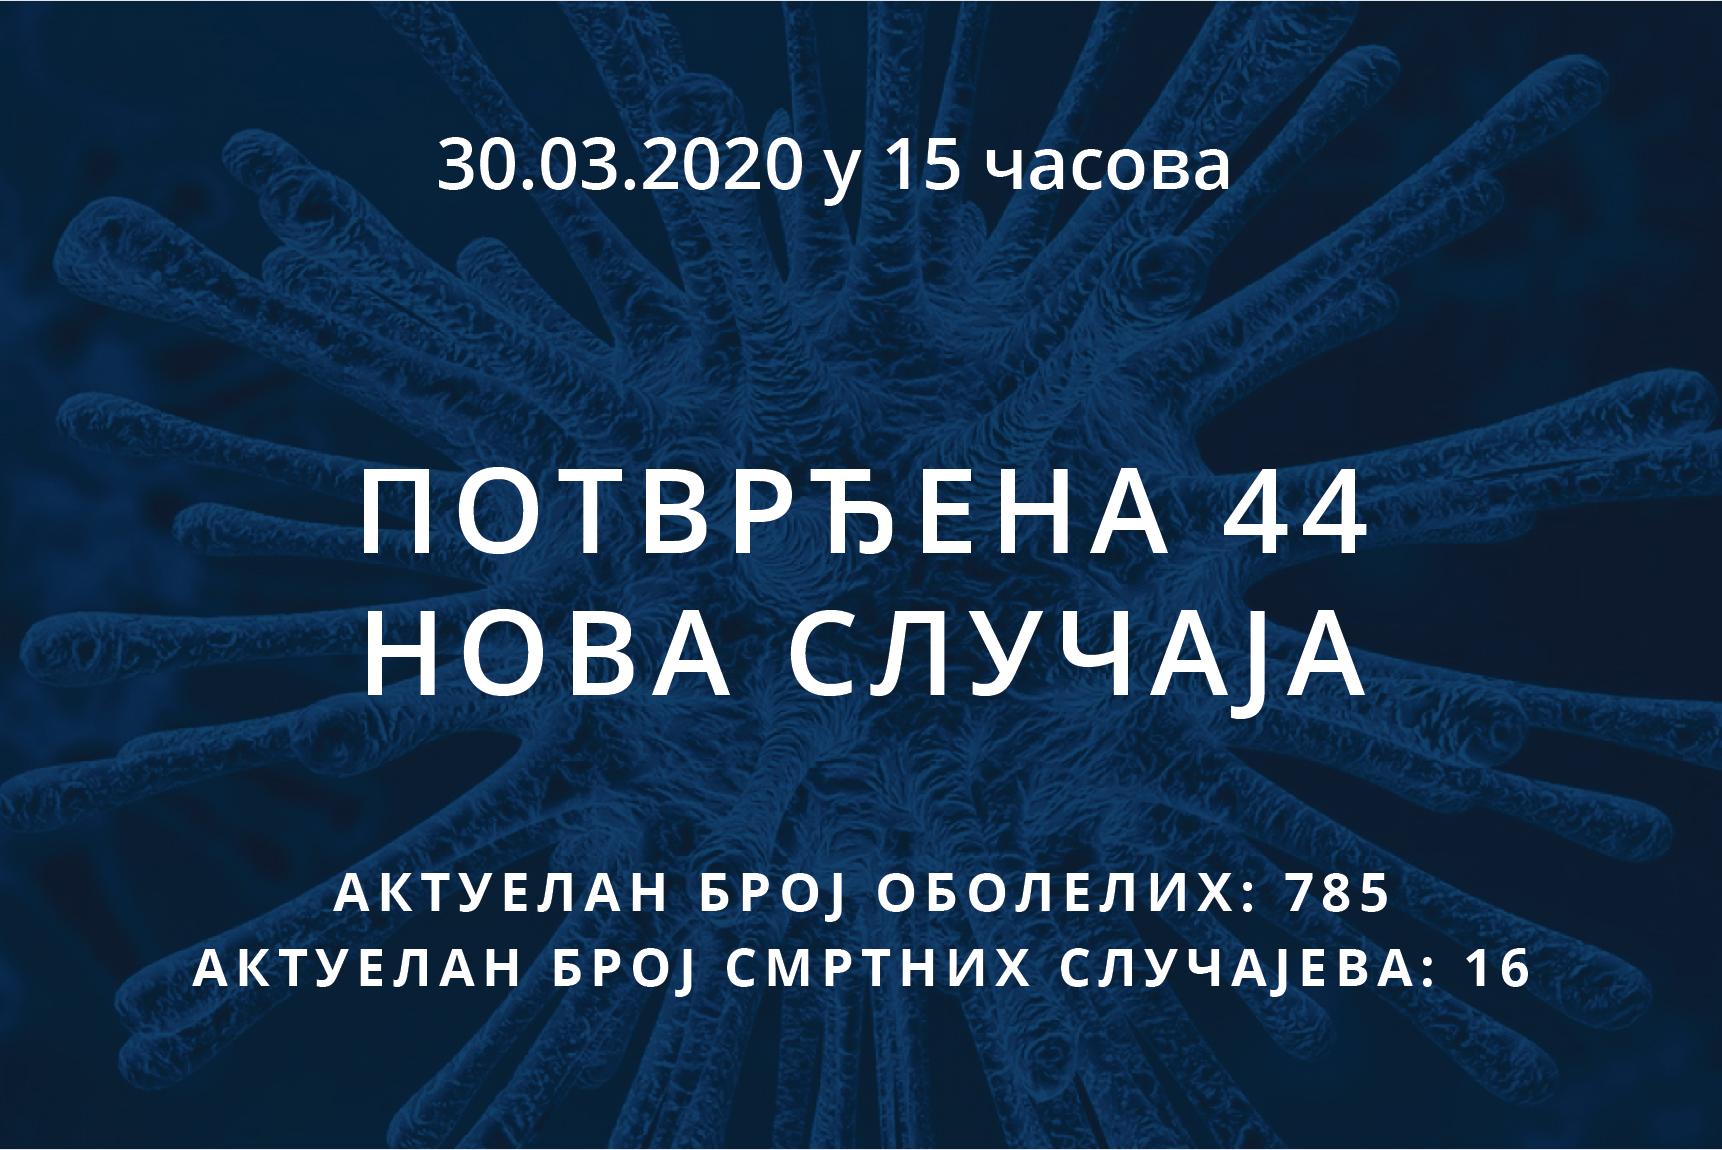 Информације о корона вирусу COVID-19, 30.03.2020 у 15 часова